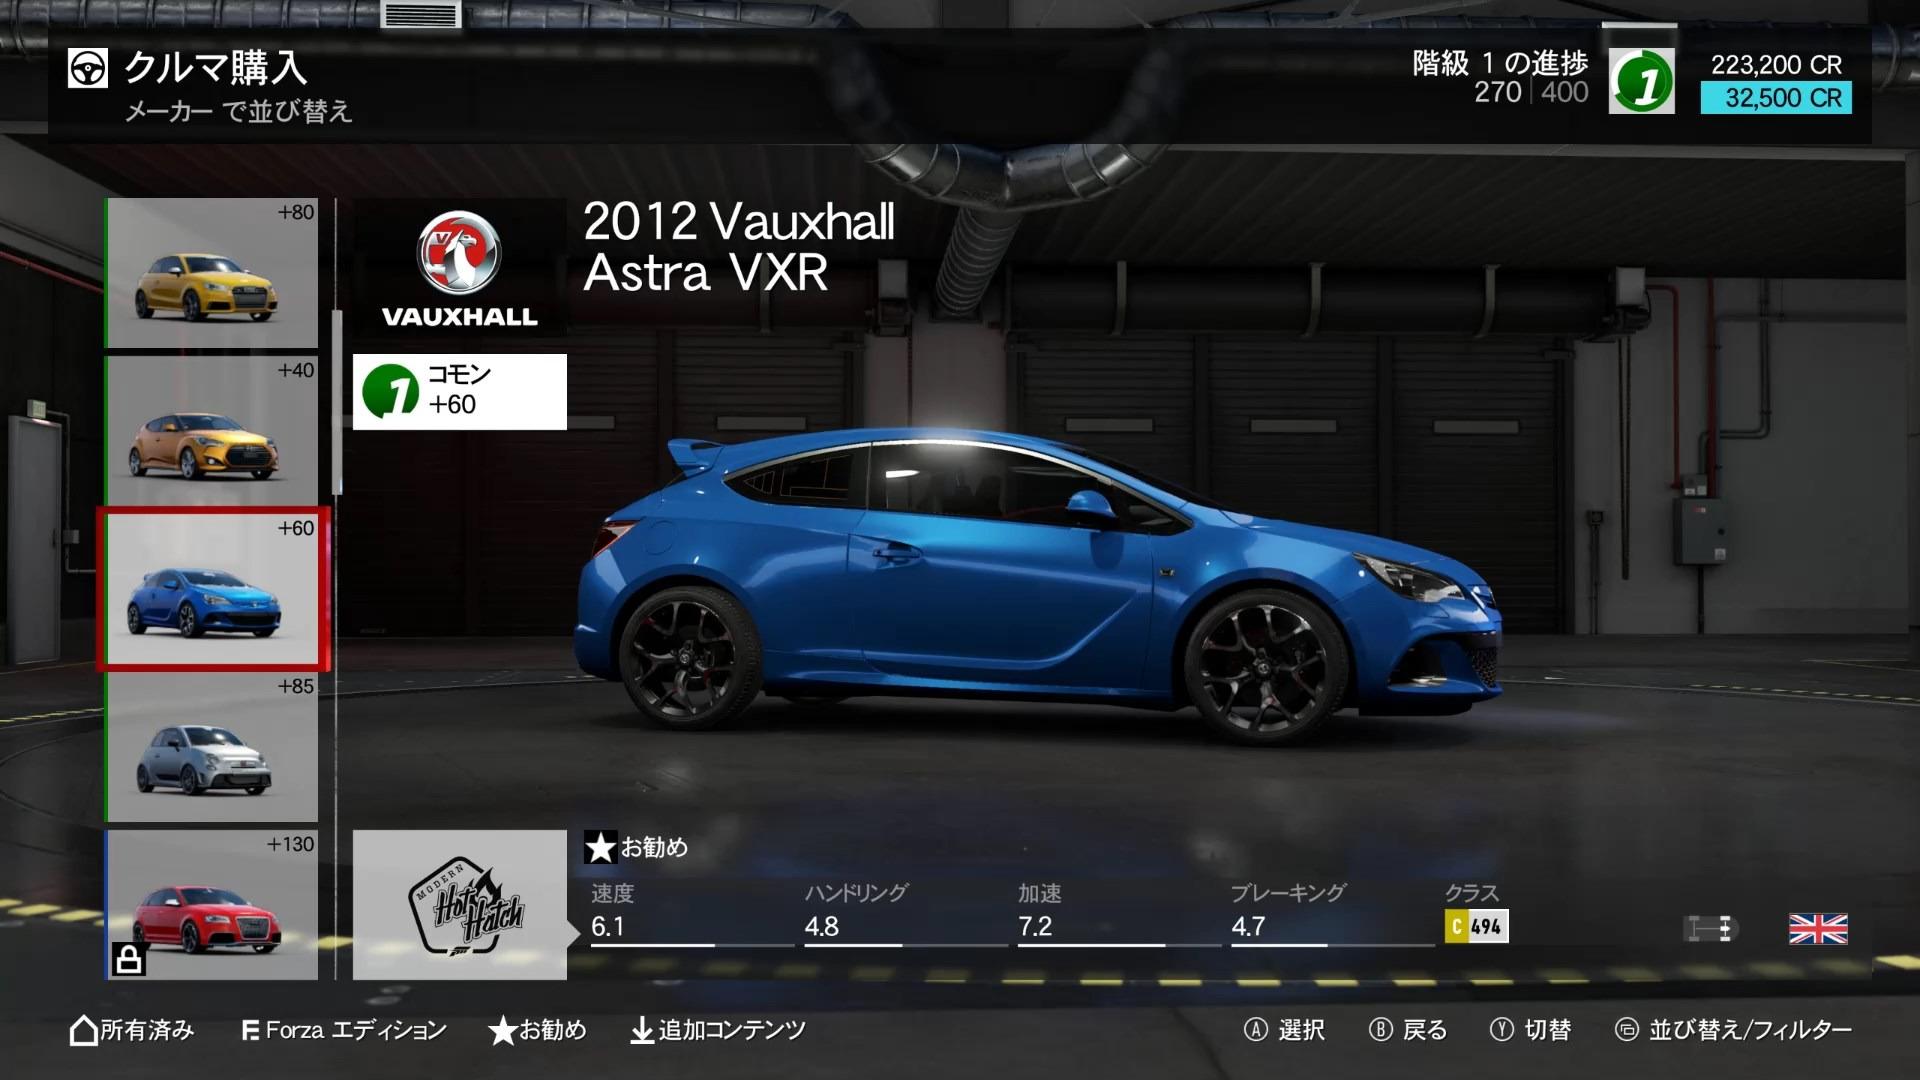 車の購入画面は「Forza Horizon」シリーズと共通化され、メーカーやクラスごとに分類して選べる